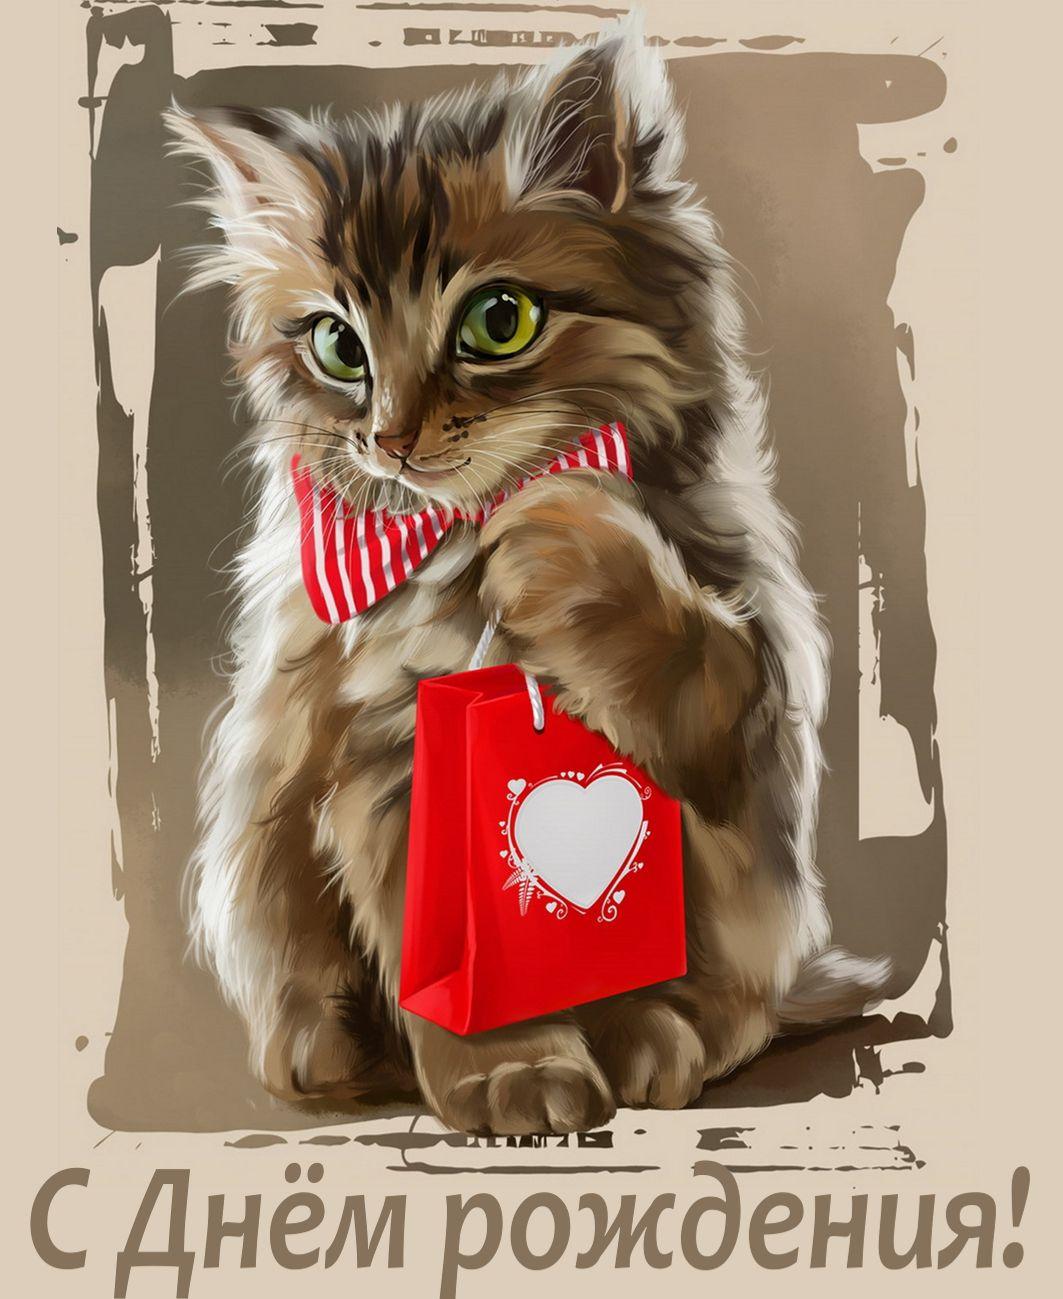 Поздравление с днем рождения фото кошек